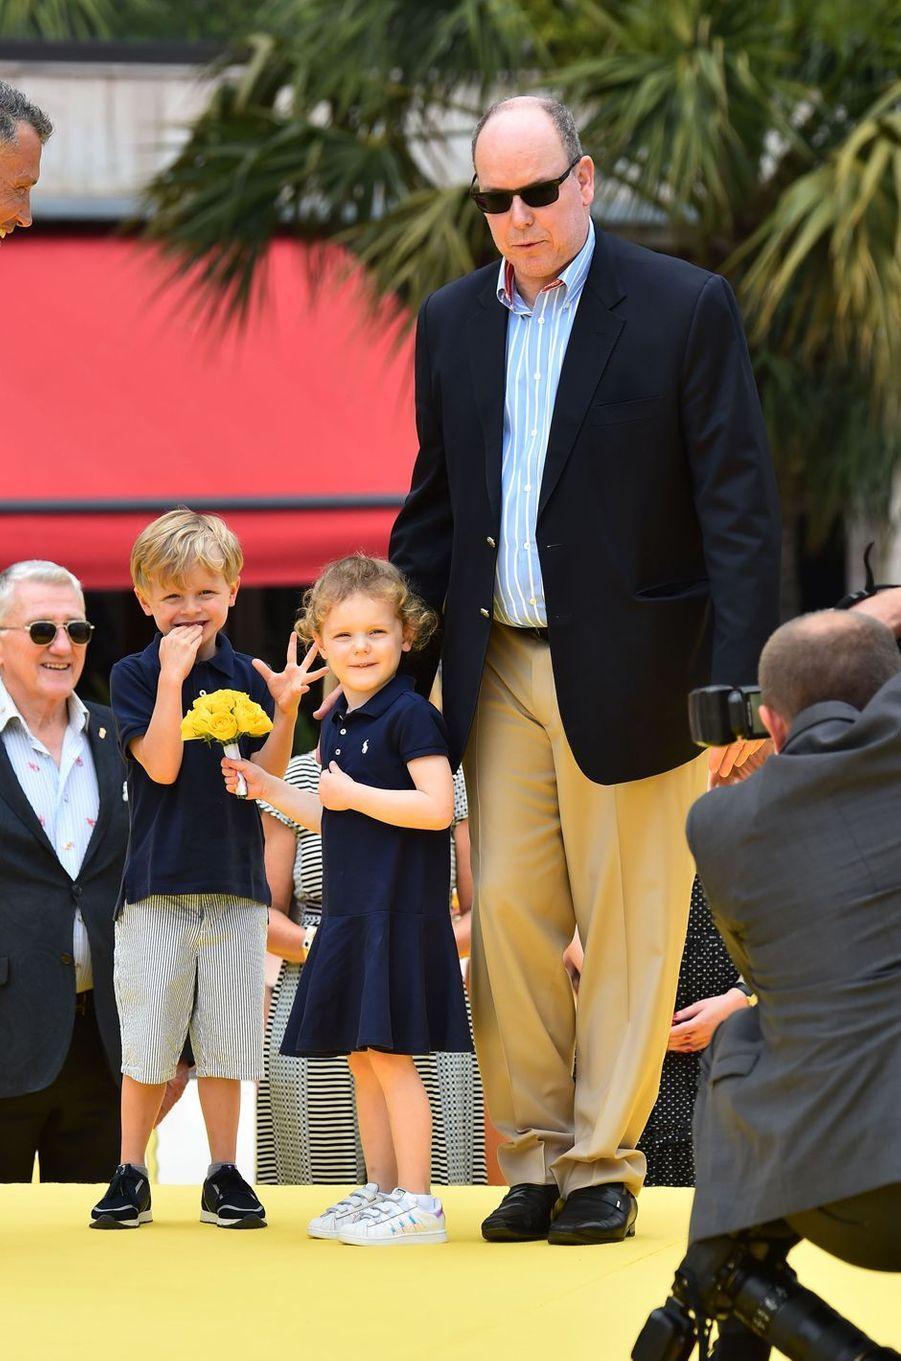 La princesse Gabriella et le prince héréditaire Jacques de Monaco avec leur père le prince Albert II à Monaco, le 16 juin 2019